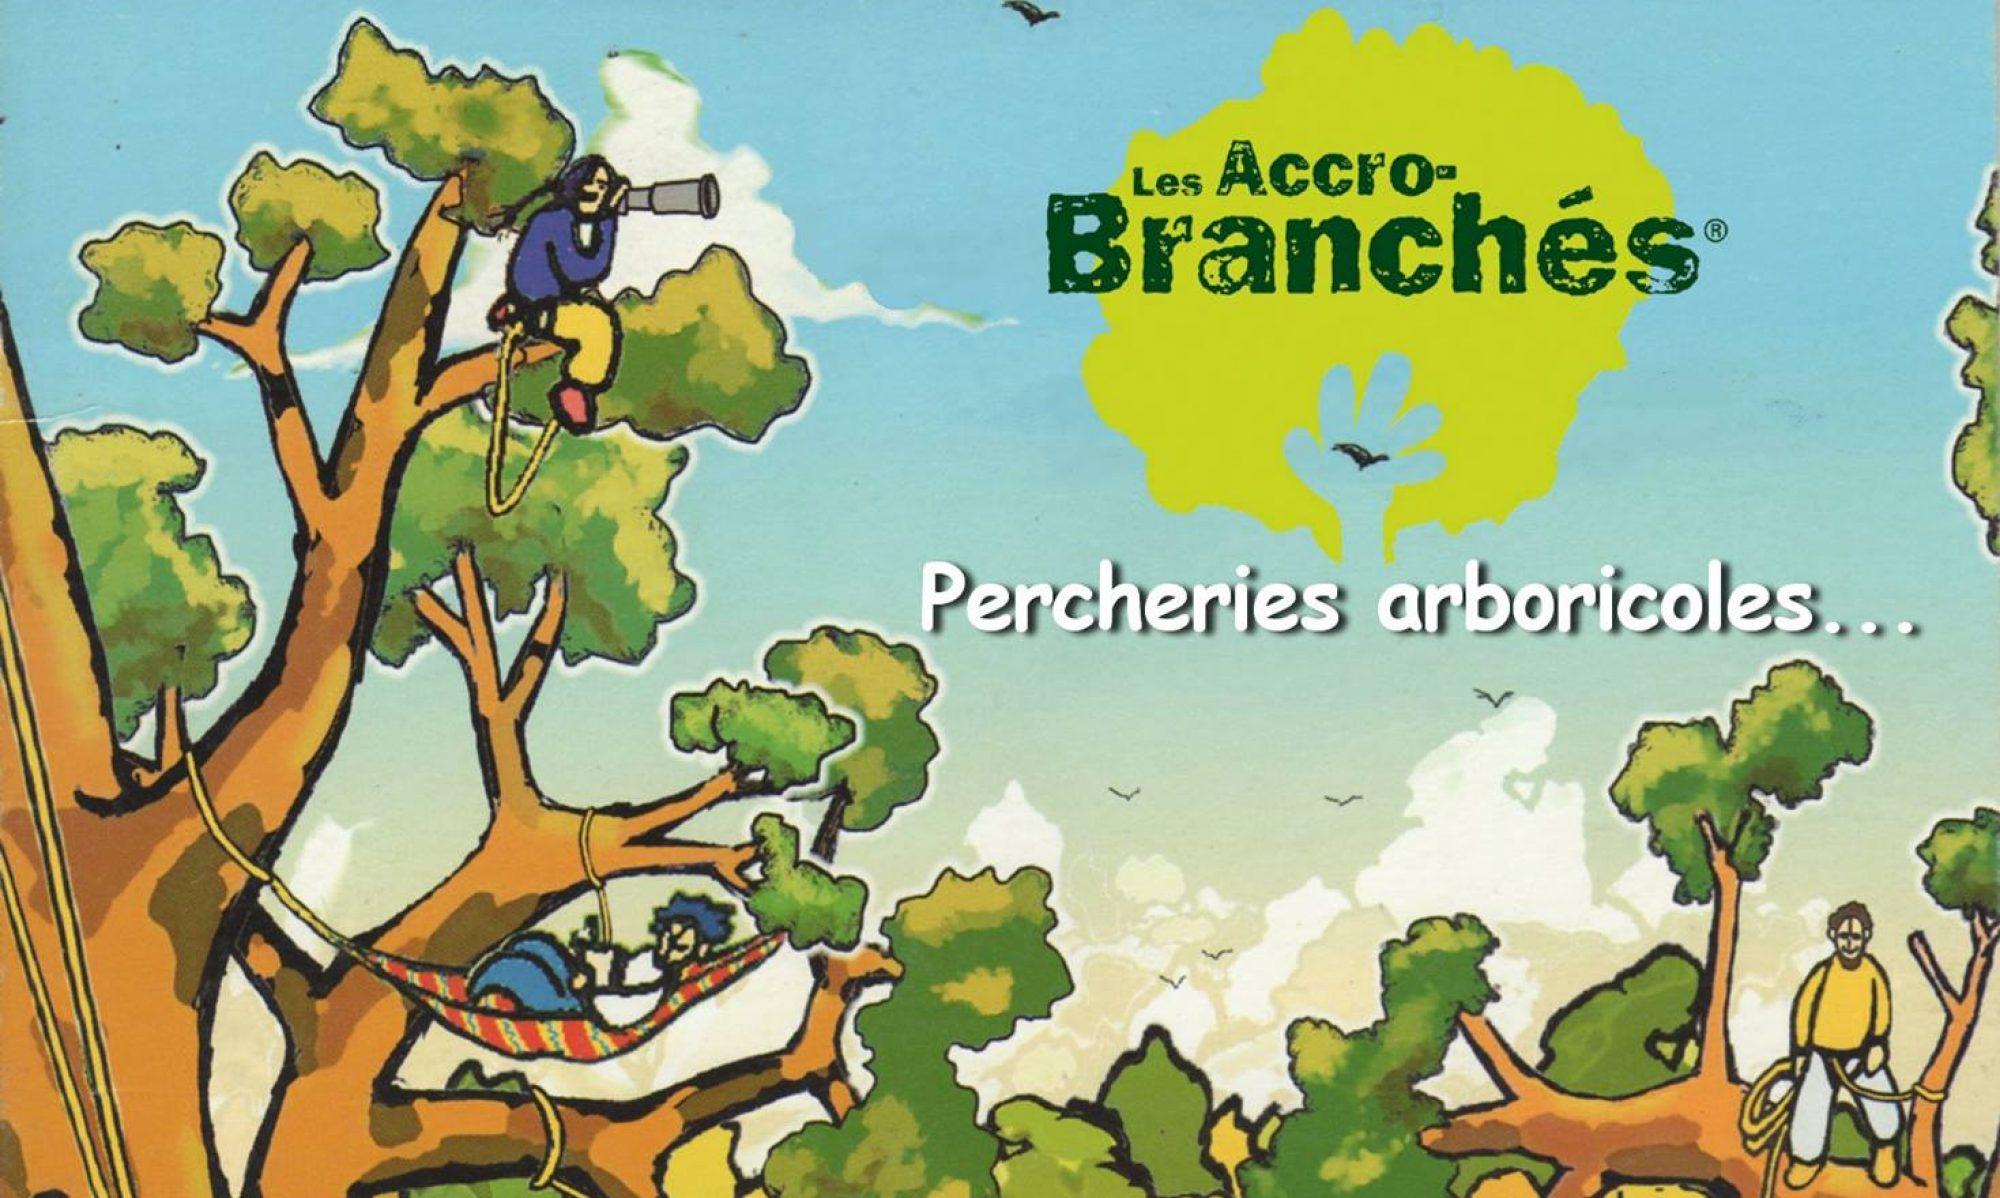 Les Accro-branchés